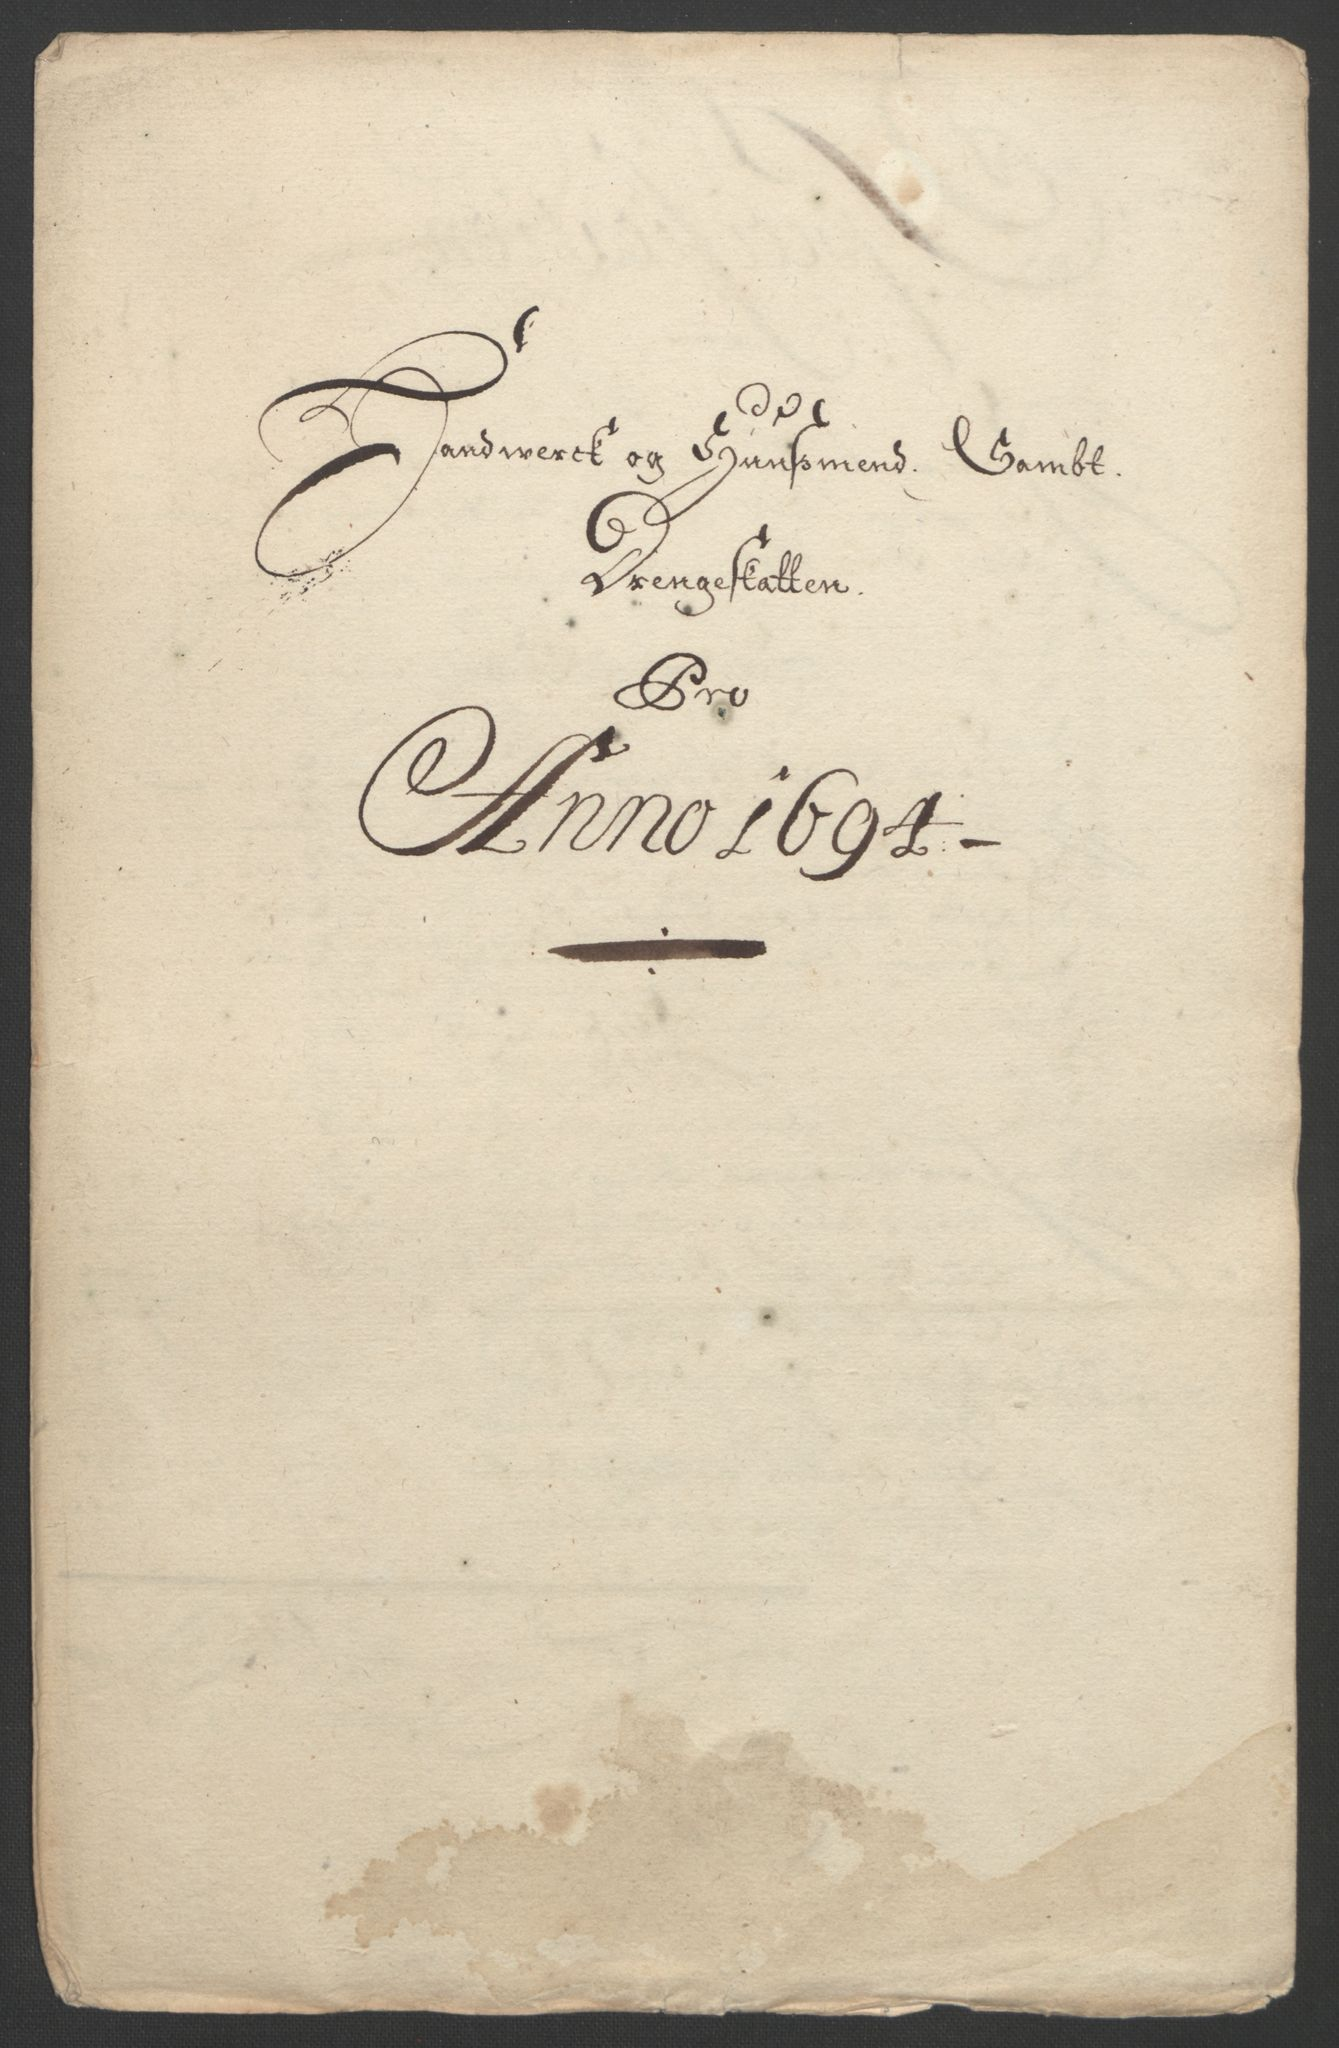 RA, Rentekammeret inntil 1814, Reviderte regnskaper, Fogderegnskap, R22/L1451: Fogderegnskap Ringerike, Hallingdal og Buskerud, 1694, s. 228